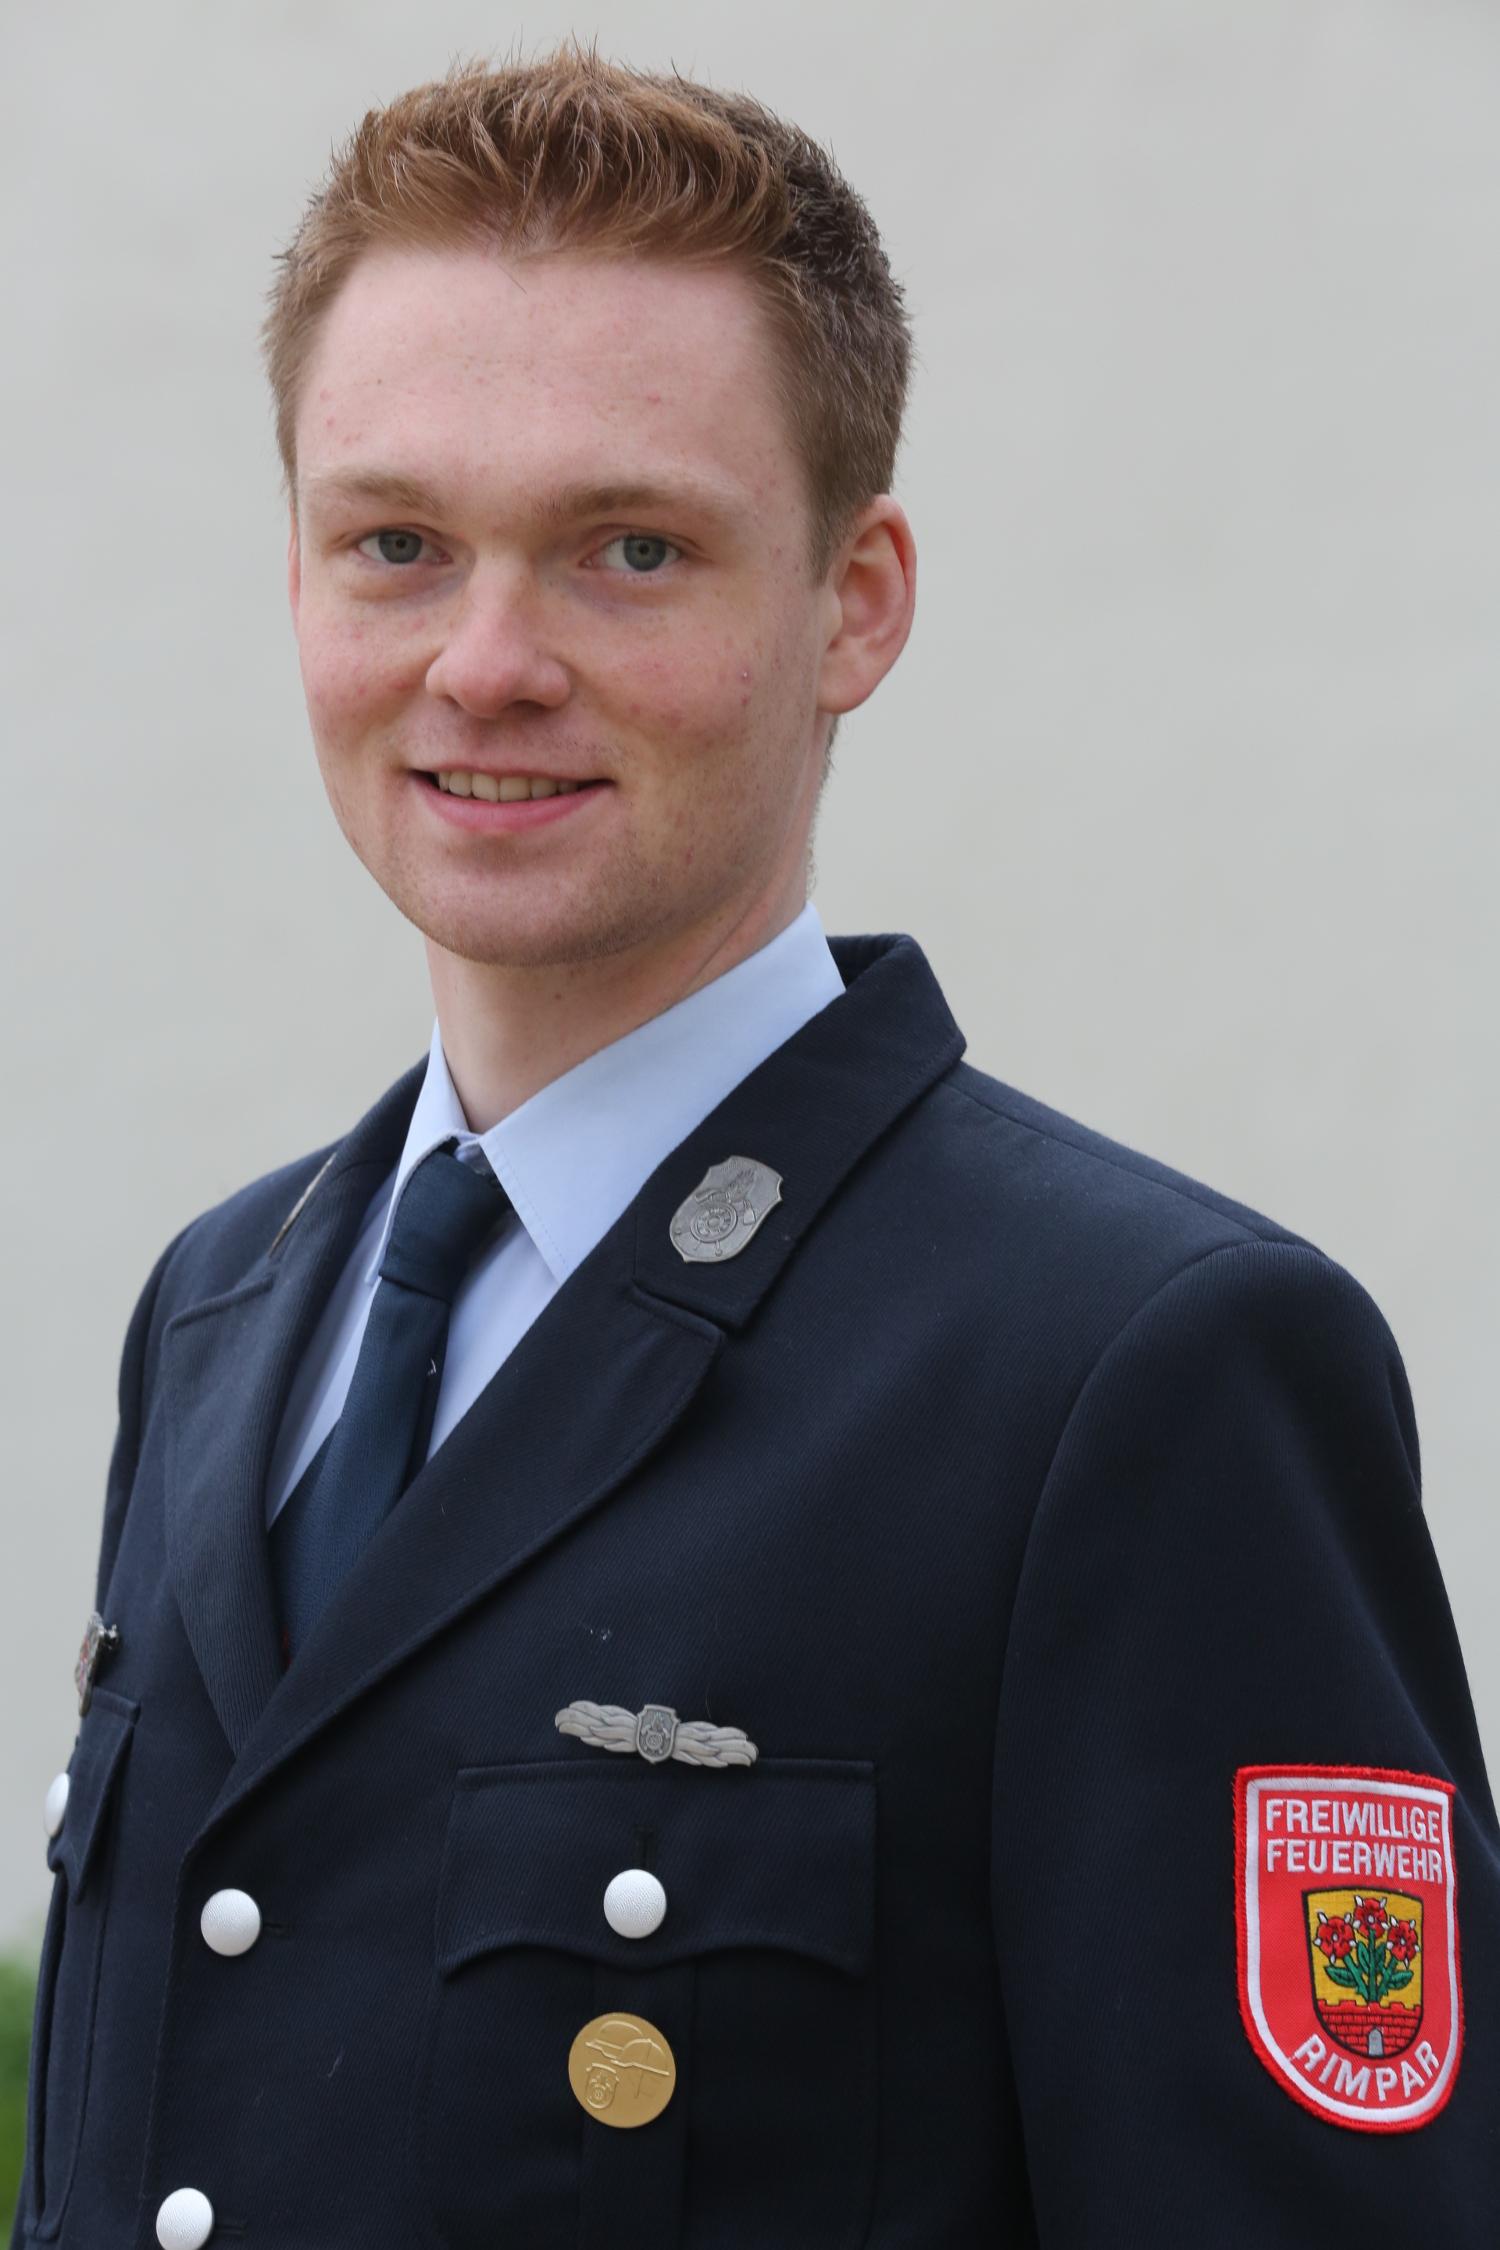 Michael Weippert